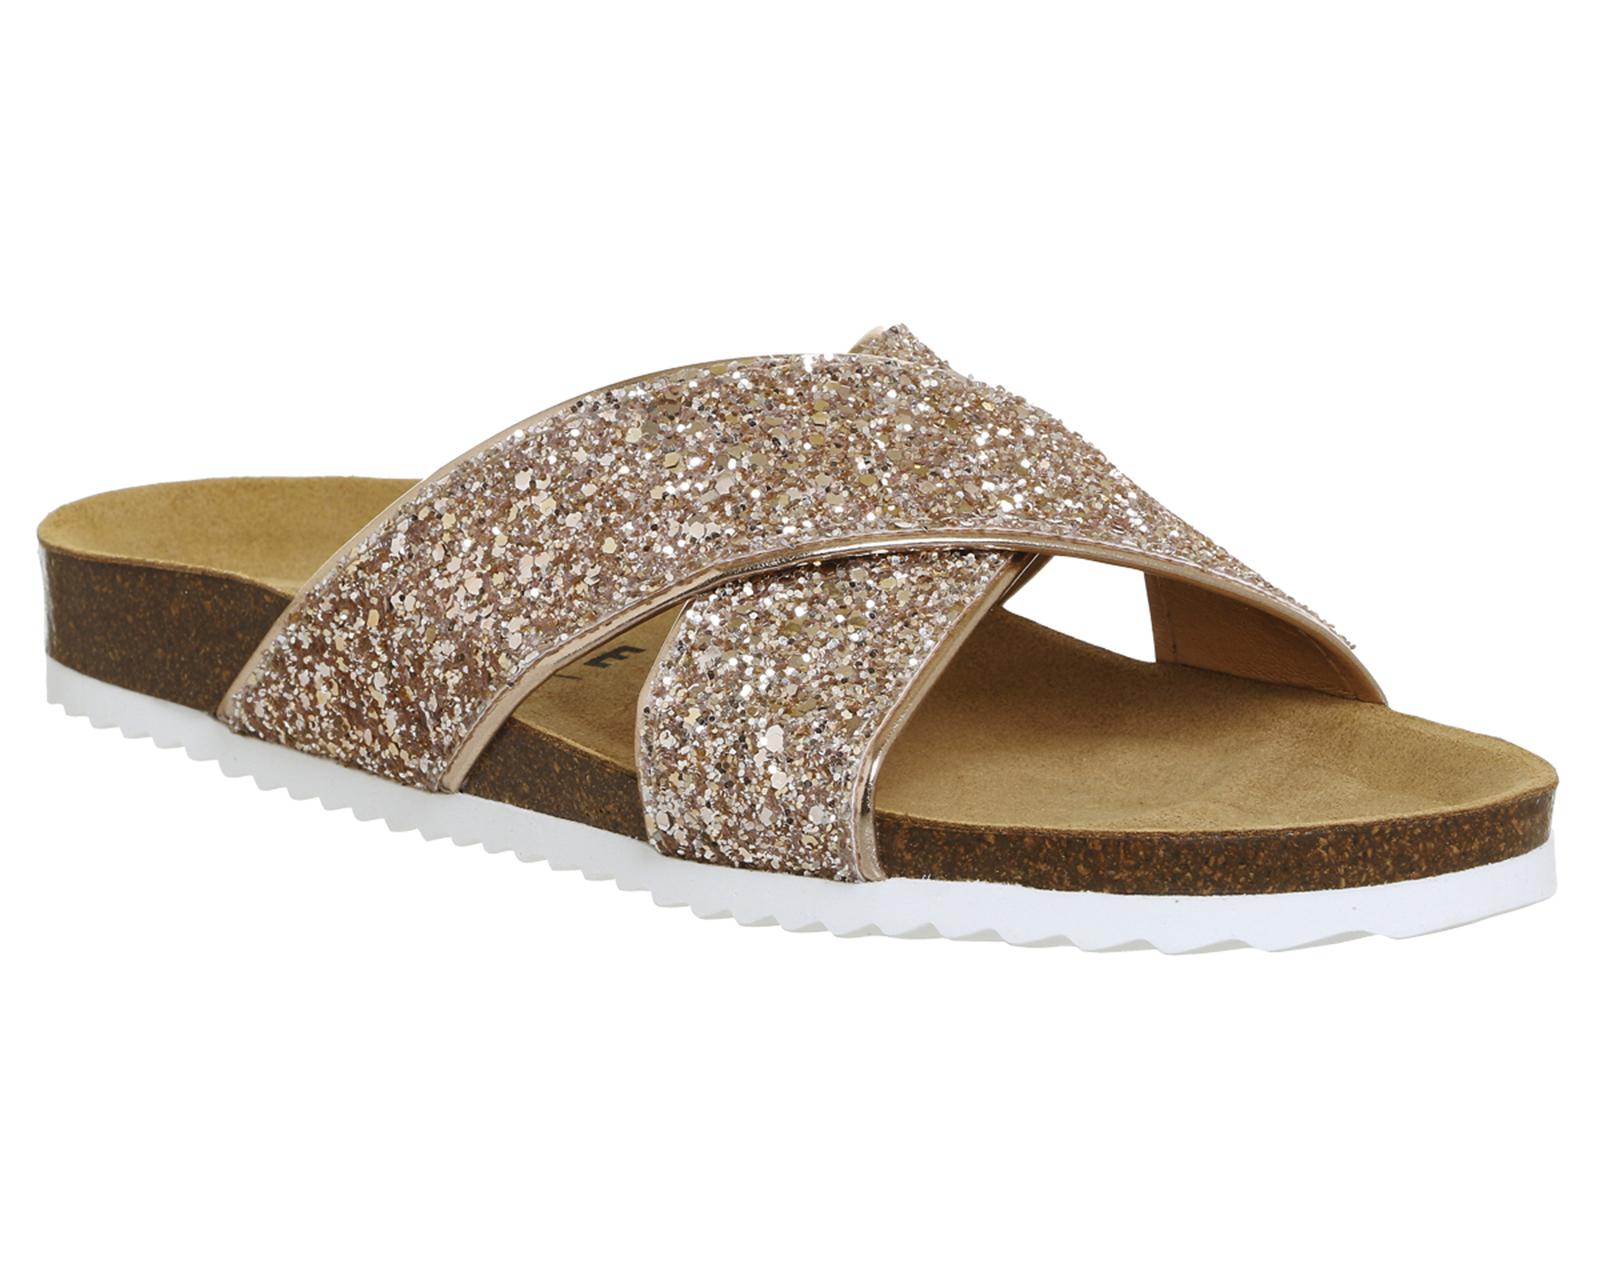 Womens-Office-Hoxton-2-Sandals-ROSE-GOLD-GLITTER-